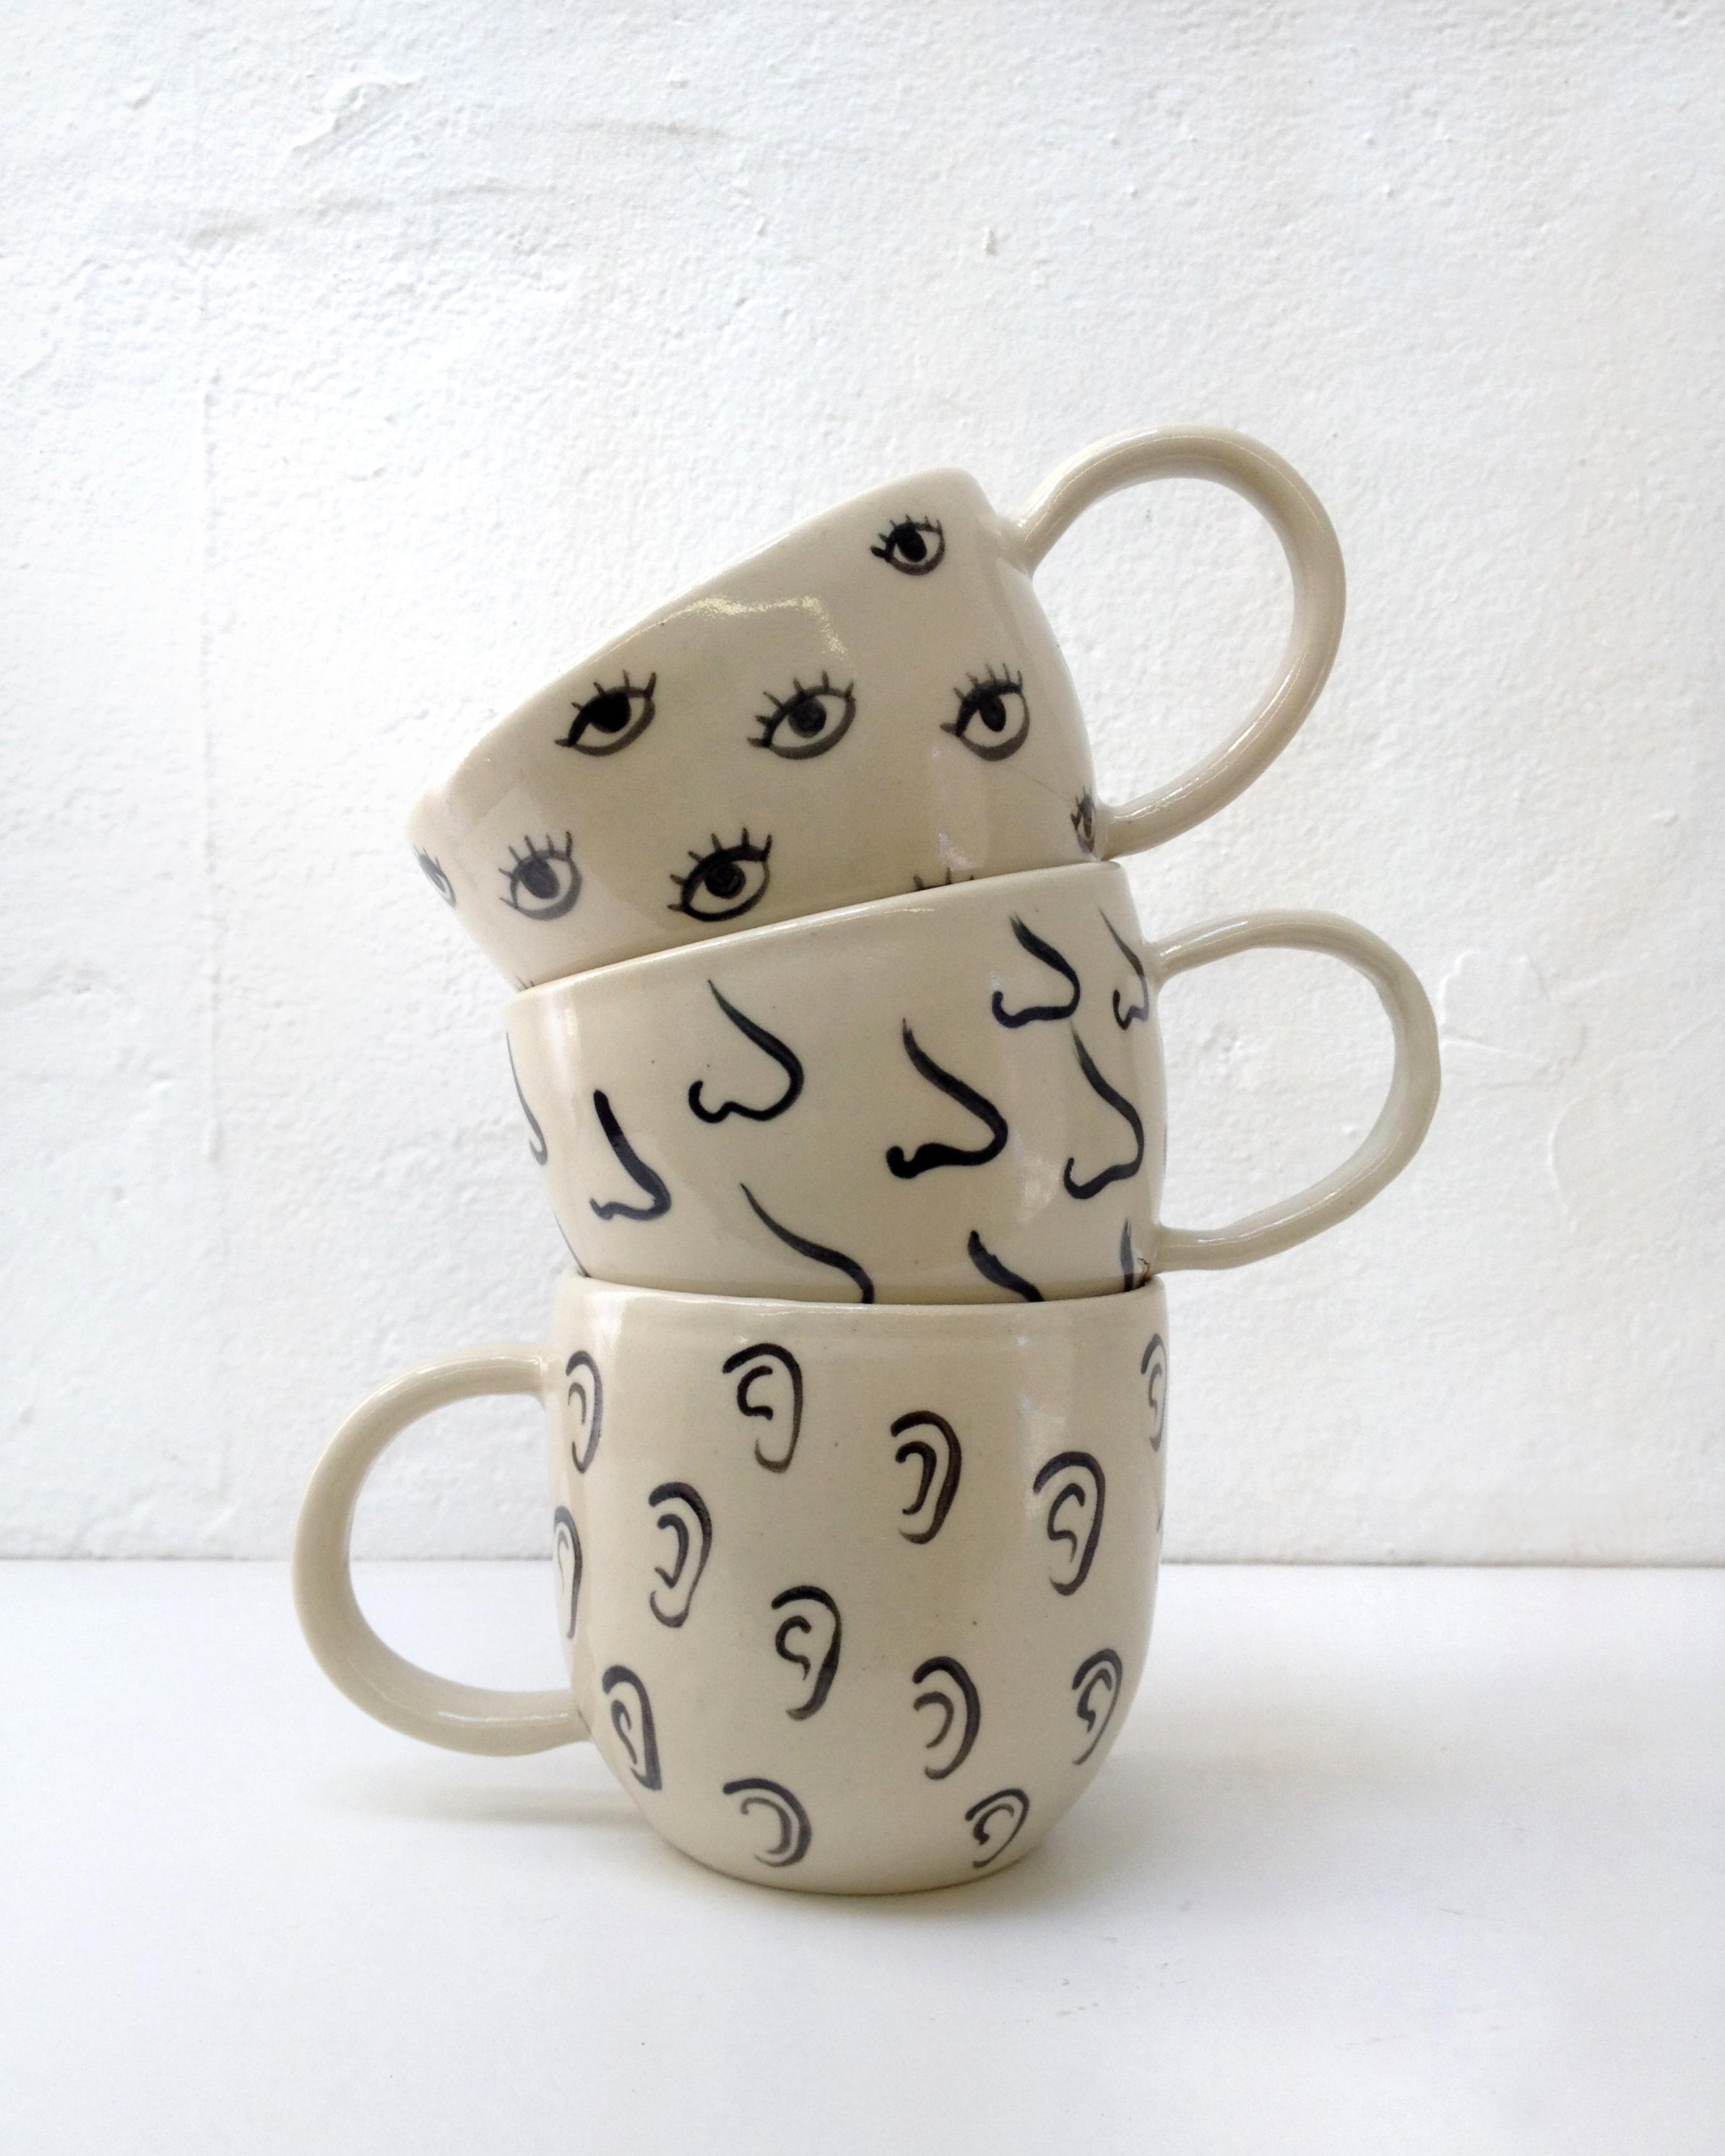 14-mug_face.jpg